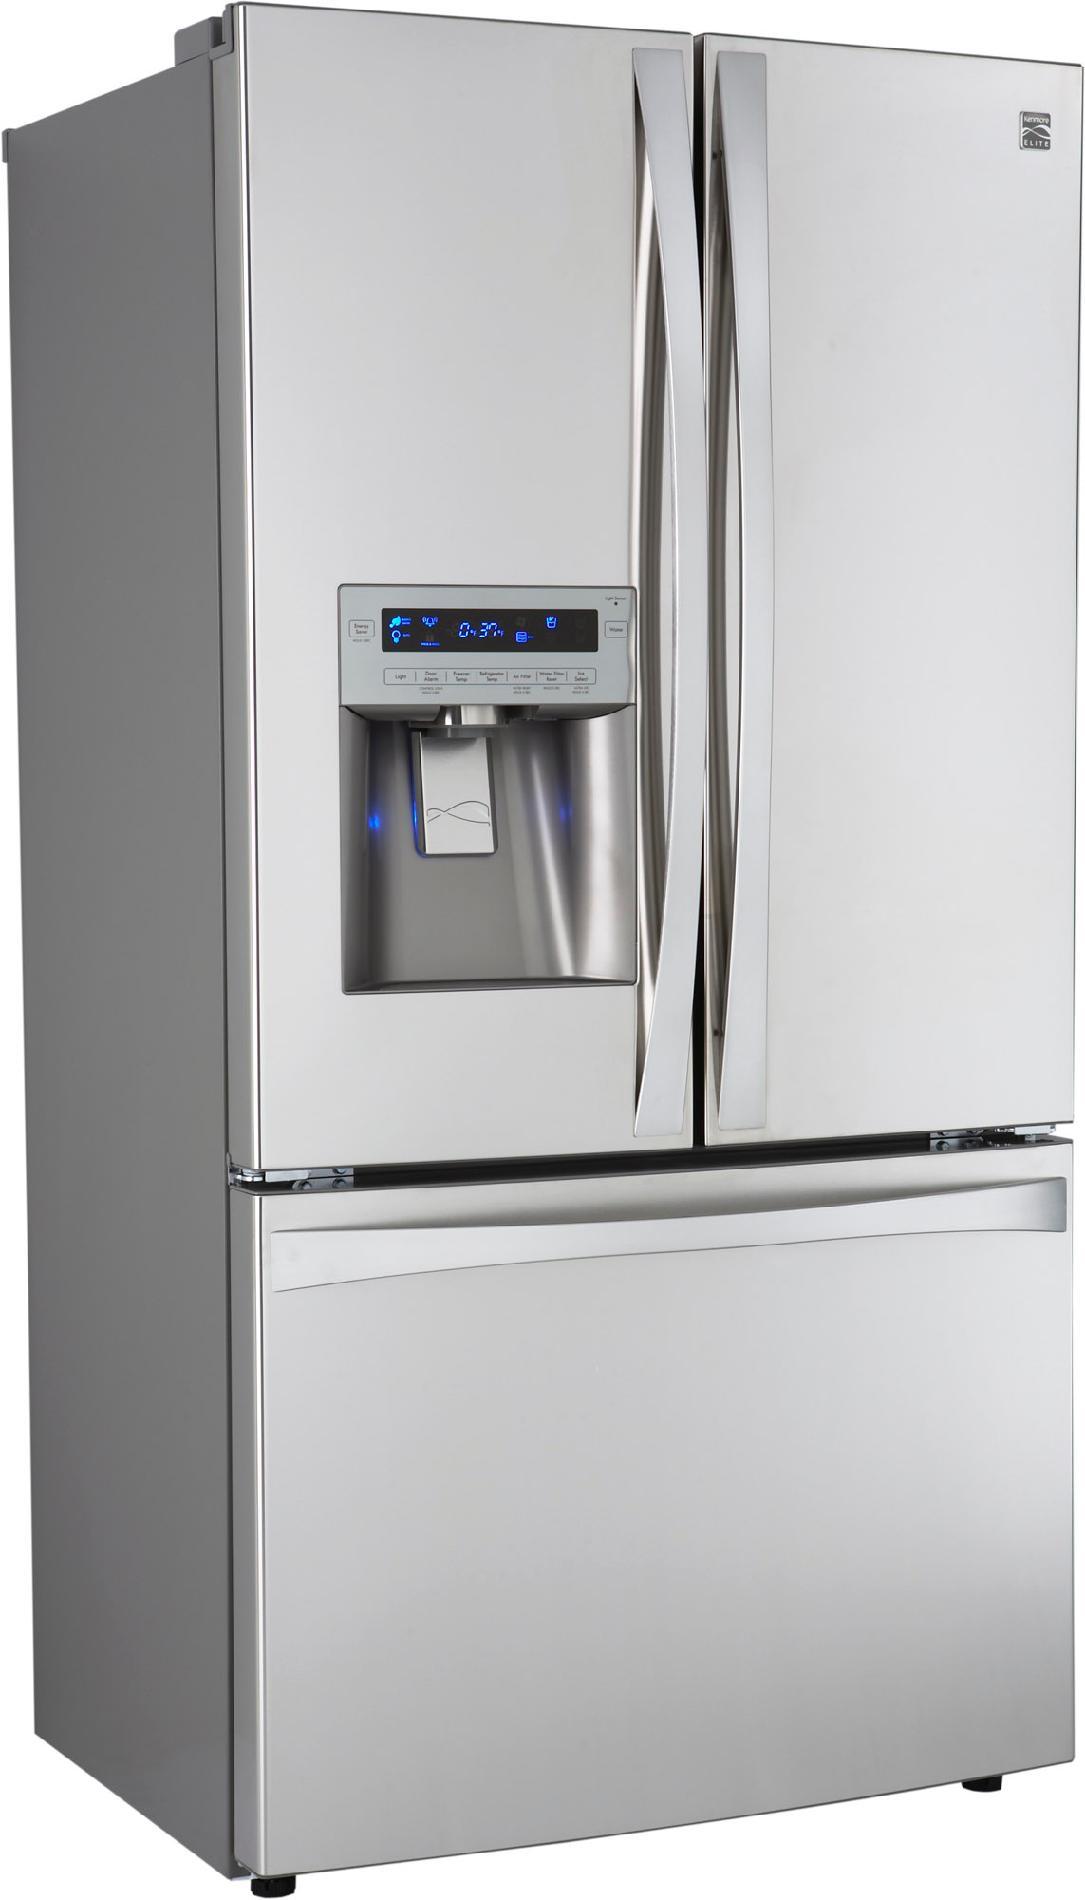 Kenmore Elite 25 cu. ft. Counter-Depth French Door  Bottom-Freezer Refrigerator -Stainless Steel